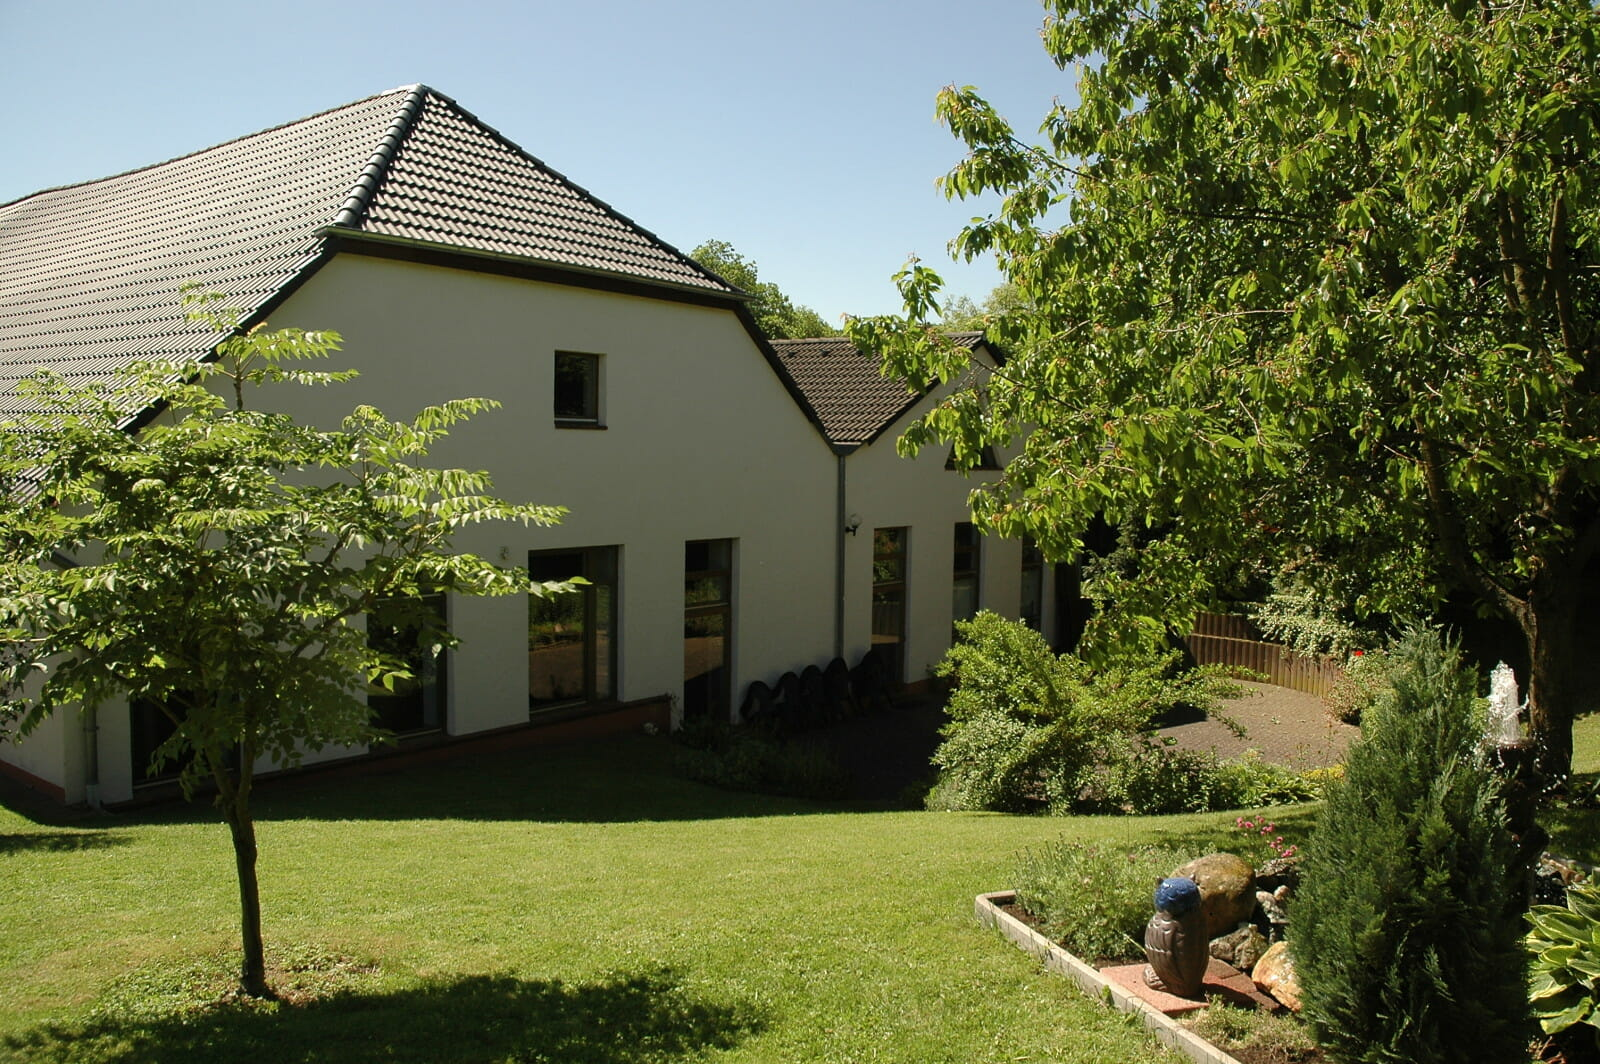 Seminarhaus für Massage und Körpertherapie - das Ausbildungshaus.